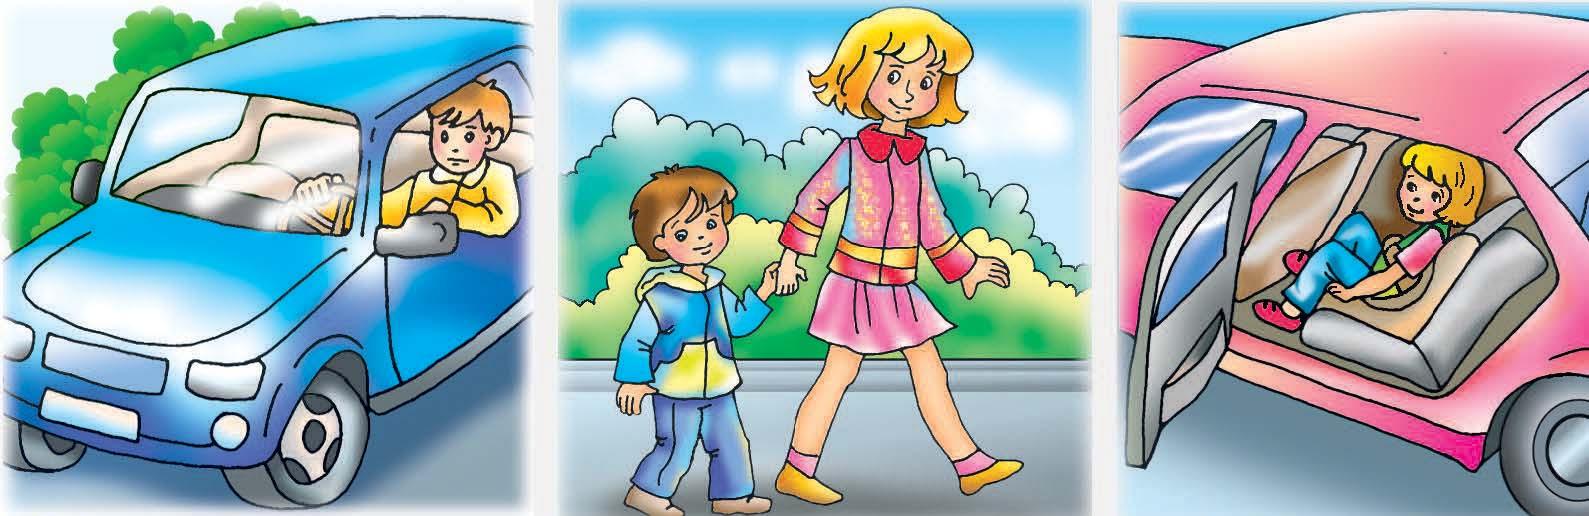 Скачать сочинение на тему правила дорожного движения 6 класса